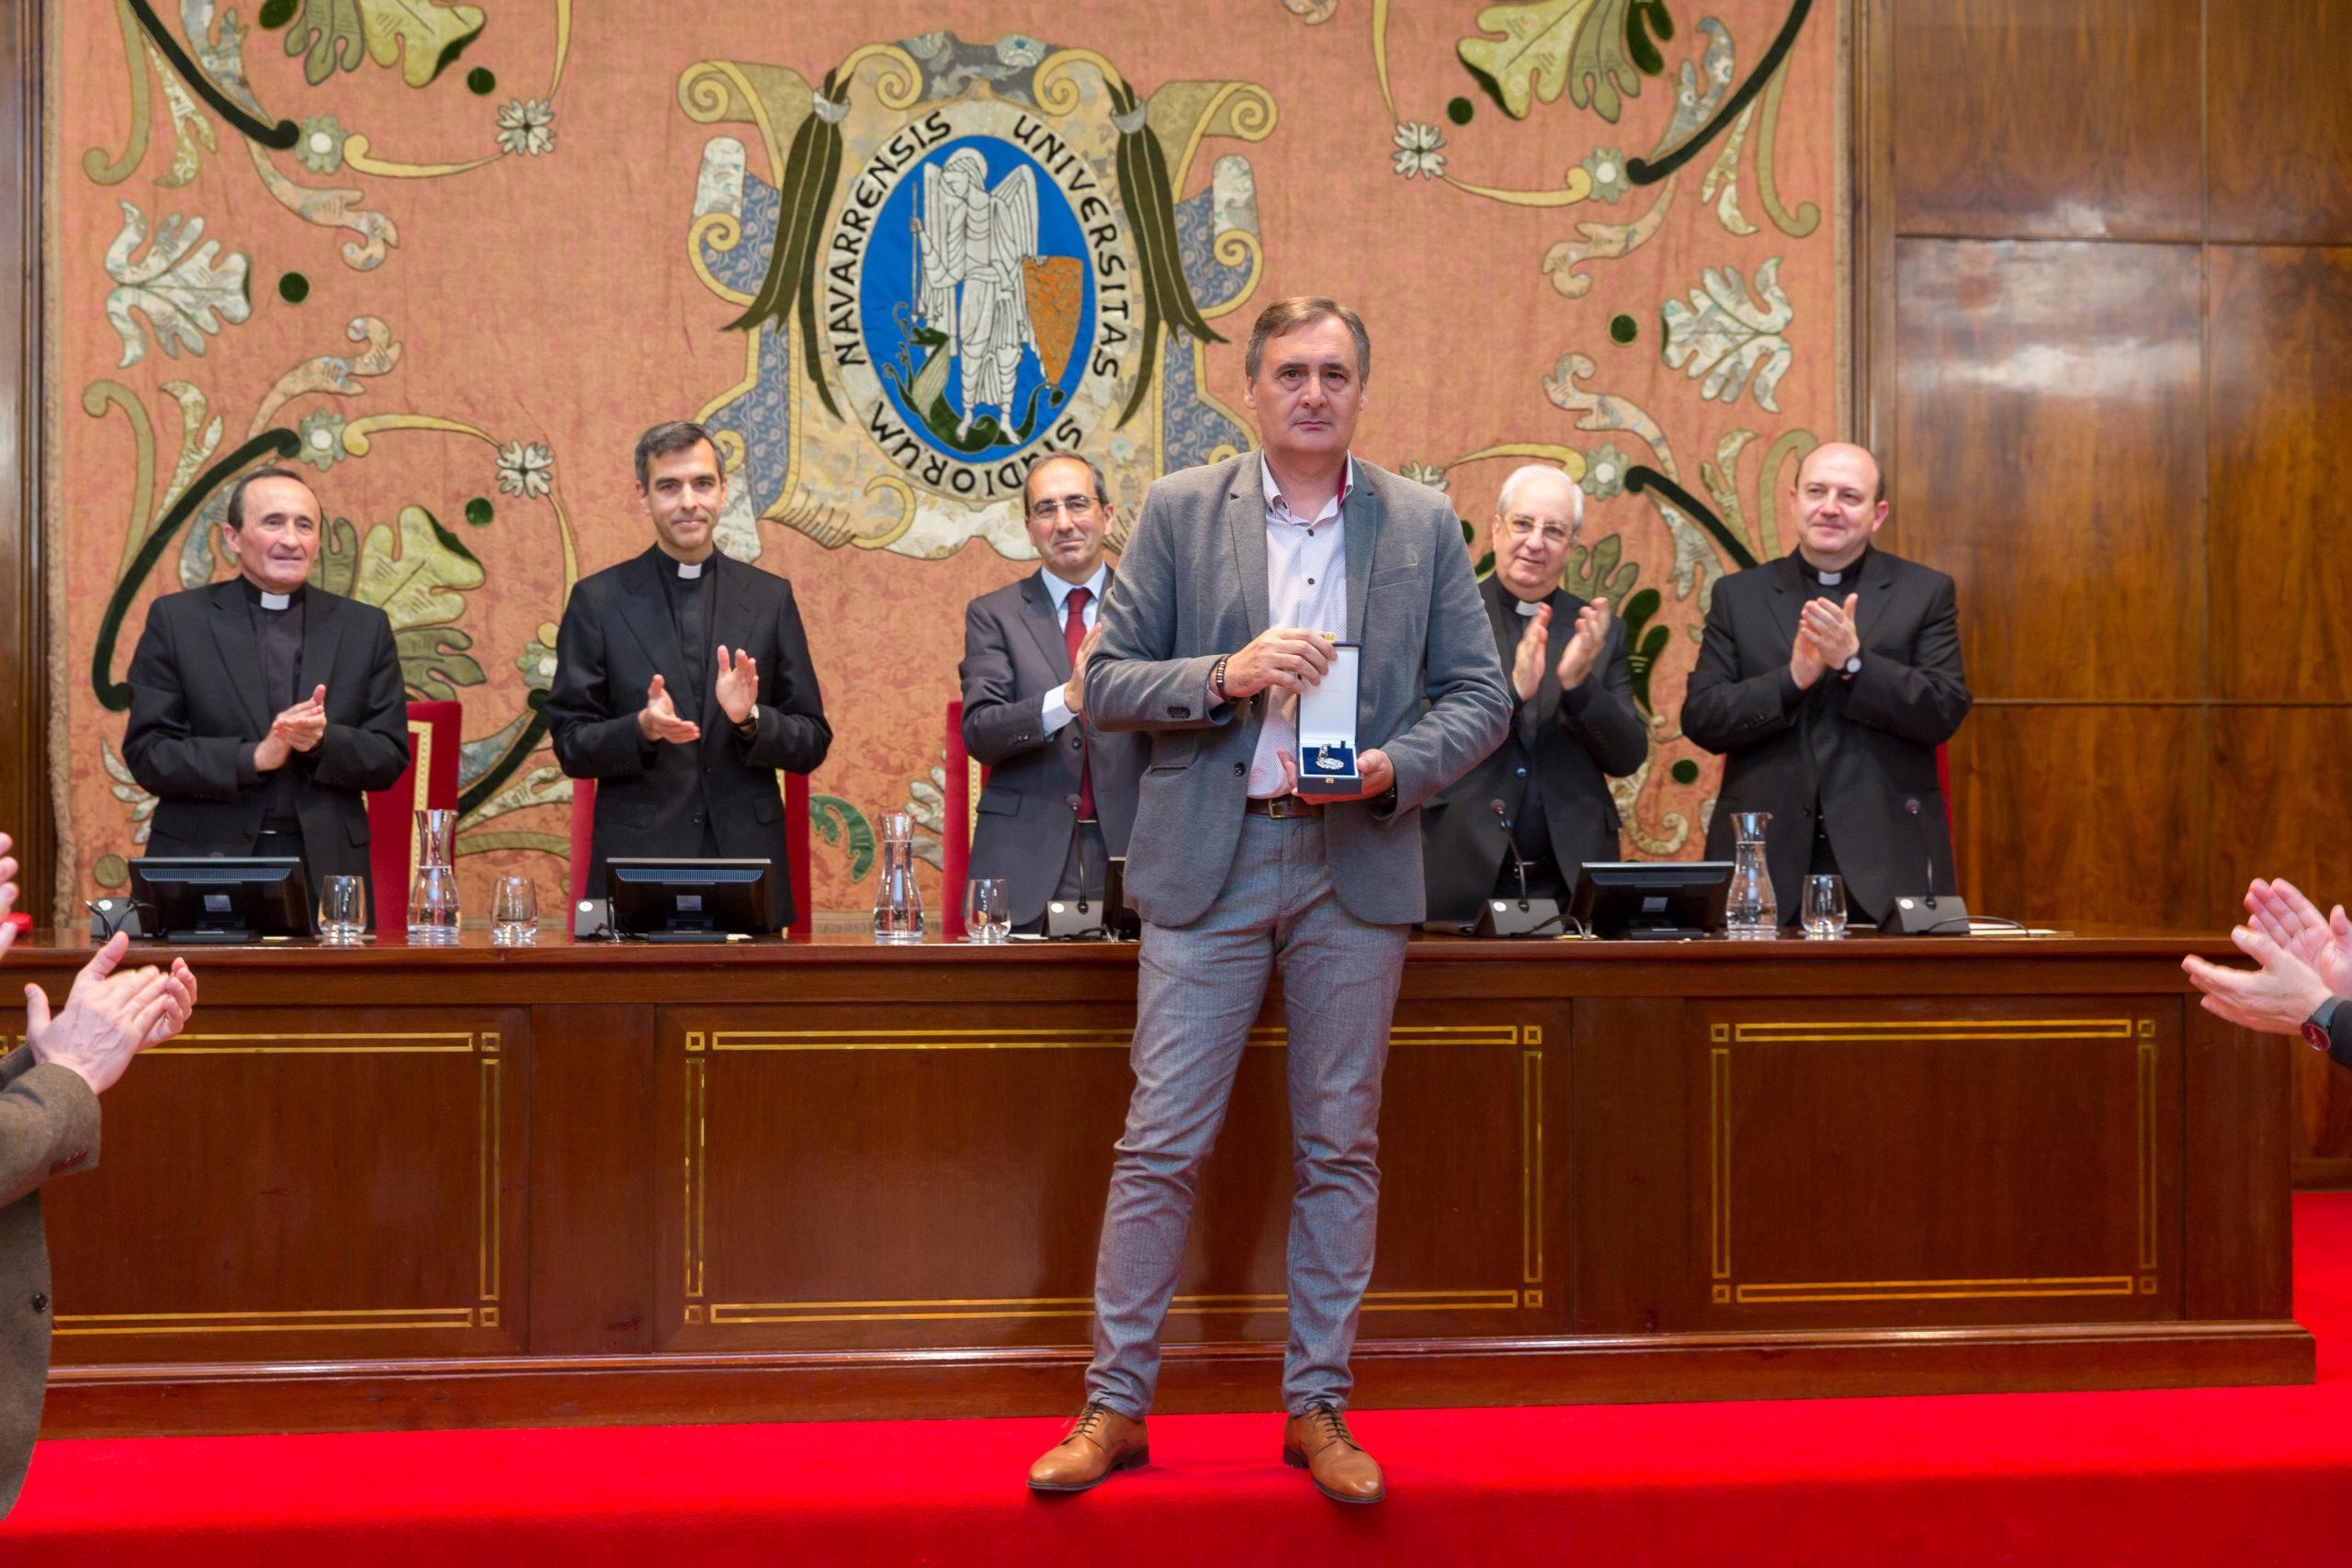 Diego Gil Tamayo recoge la Medalla de Plata © Universidad de Navarra